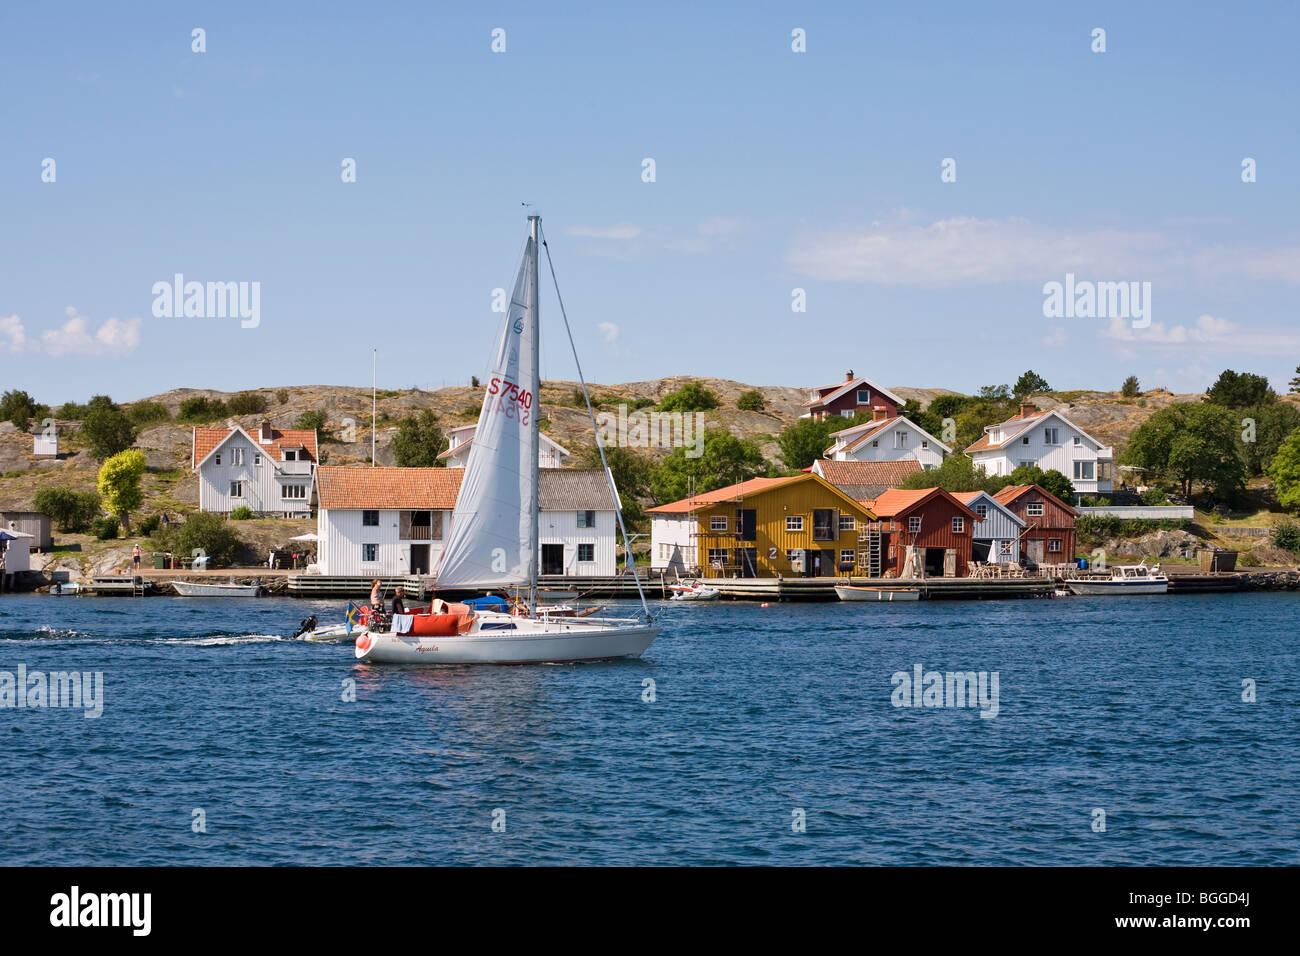 Sailboat in the swedish West coast archipelago outside Mollösund - Stock Image